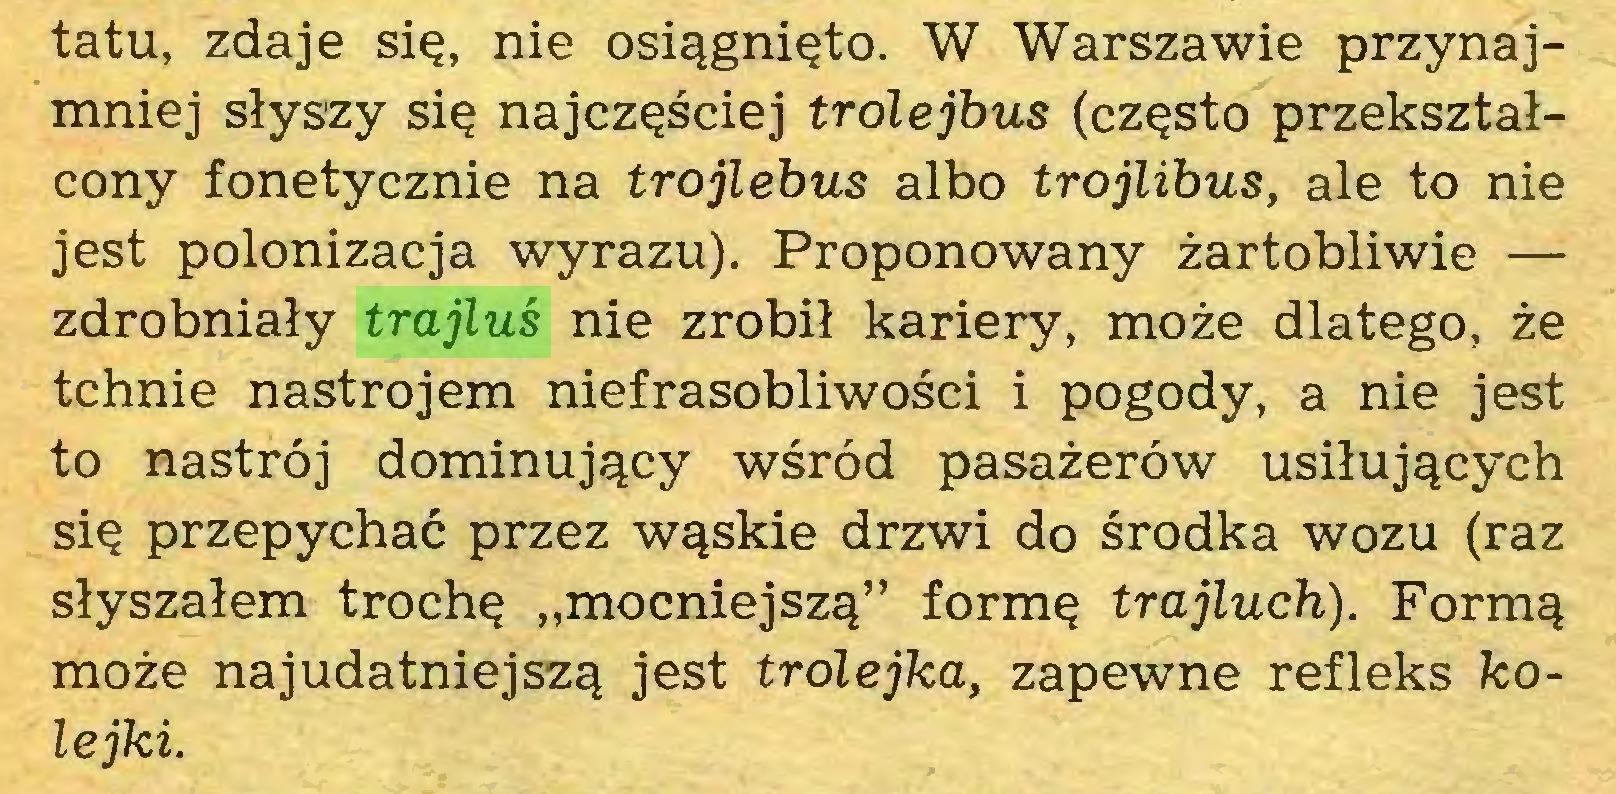 """(...) tatu, zdaje się, nie osiągnięto. W Warszawie przynajmniej słyszy się najczęściej trolejbus (często przekształcony fonetycznie na trojlebus albo trojlibus, ale to nie jest polonizacja wyrazu). Proponowany żartobliwie — zdrobniały trajluś nie zrobił kariery, może dlatego, że tchnie nastrojem niefrasobliwości i pogody, a nie jest to nastrój dominujący wśród pasażerów usiłujących się przepychać przez wąskie drzwi do środka wozu (raz słyszałem trochę """"mocniejszą"""" formę trajluch). Formą może najudatniejszą jest trolejka, zapewne refleks kolejki..."""